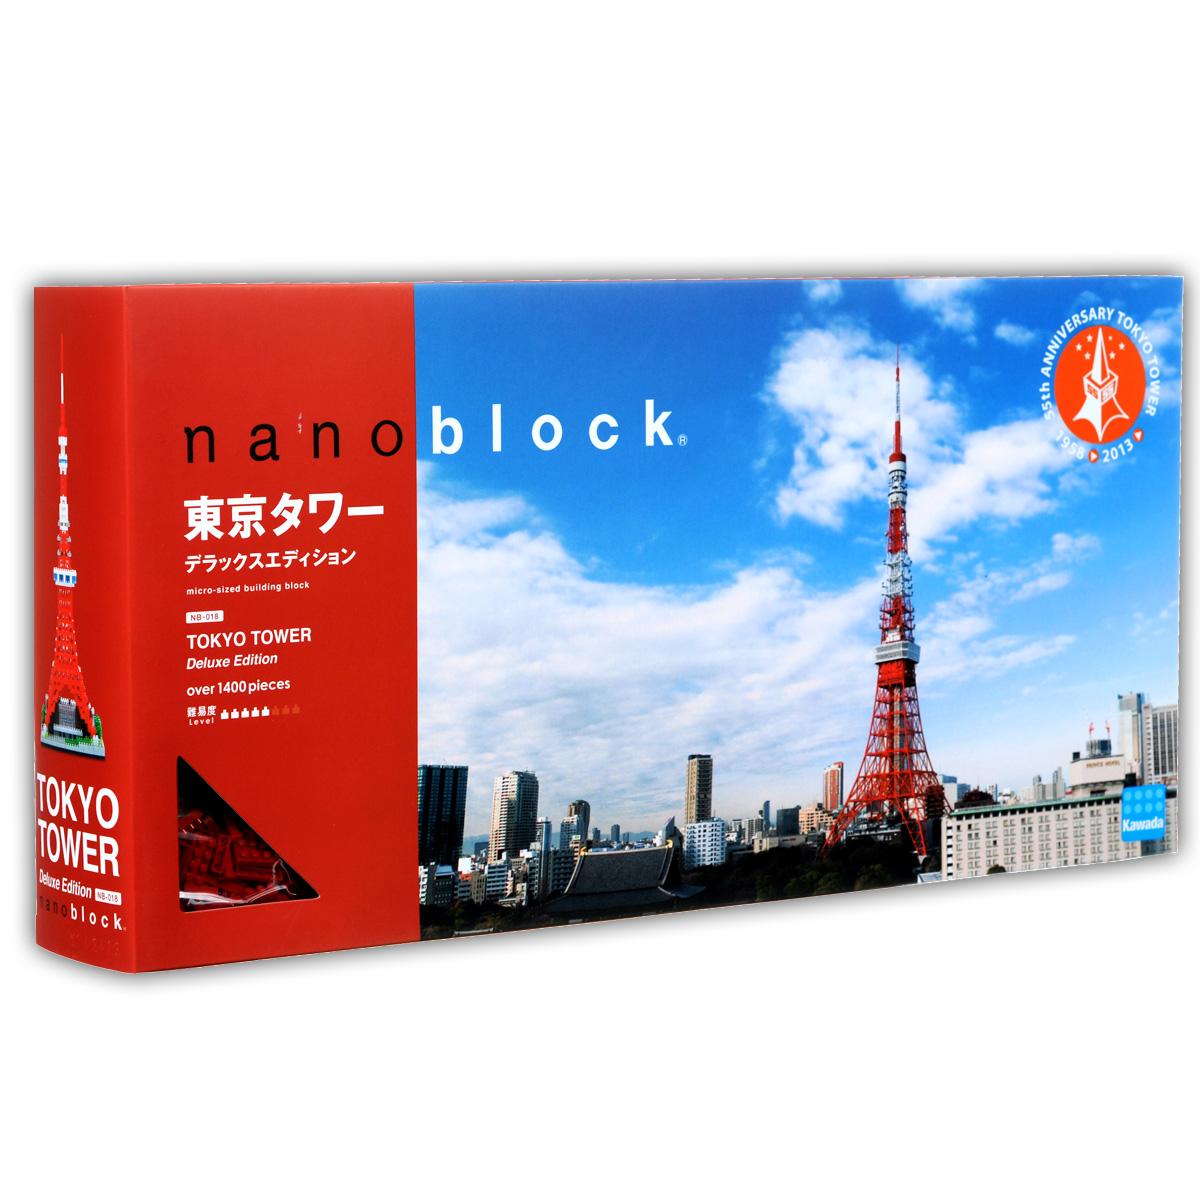 Nanoblock Мини-конструктор Токийская Телебашня DeluxeNB_018Одна из лучших и самых красивых моделей из Наноблока, заслуженно любимая фанатами бренда. Телебашня Tokyo Tower является одним из символов японской столицы. На башне есть две смотровые площадки, откуда открываются изумительные виды на город и Токийский залив. Модель токийской телебашни серии Deluxe - это максимальная точность и красота деталей. Токио - родной город для бренда nanobock и производитель приложил все усилия, для того чтобы создать настоящий шедевр. Достойный подарок не только ребенку, но и взрослому человеку. В комплекте: 1400 элементов, запасные элементы, подробная графическая схема-инструкция по сборке. Рекомендуется так же докупить LED-подсветку - аксессуар, который добавит собранной модели мягкое разноцветное свечение, идущее из основания (в комплект не входит). На последней странице инструкции есть информация о том, как правильно установить этот модуль подсветки. Примерное время сборки: 2,5 - 3 часа.